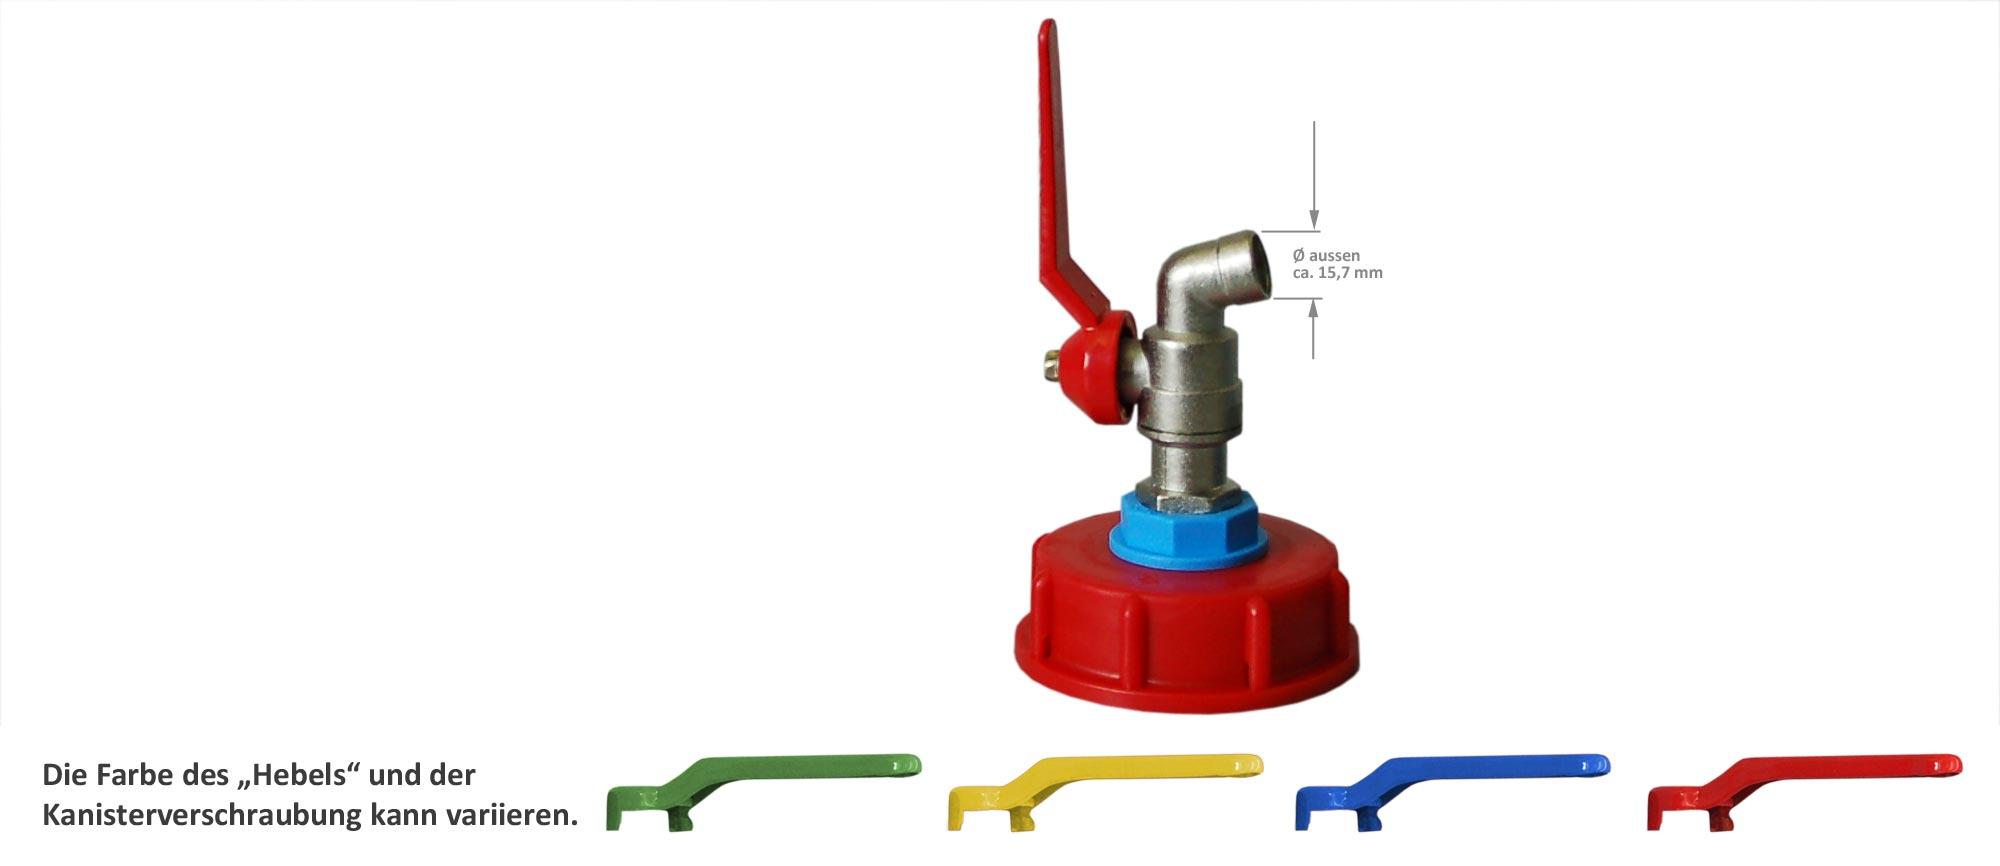 2er Set Kanister Ölkanister Plastikbehälter Zubehör Metallhahn Entlüftungshahn